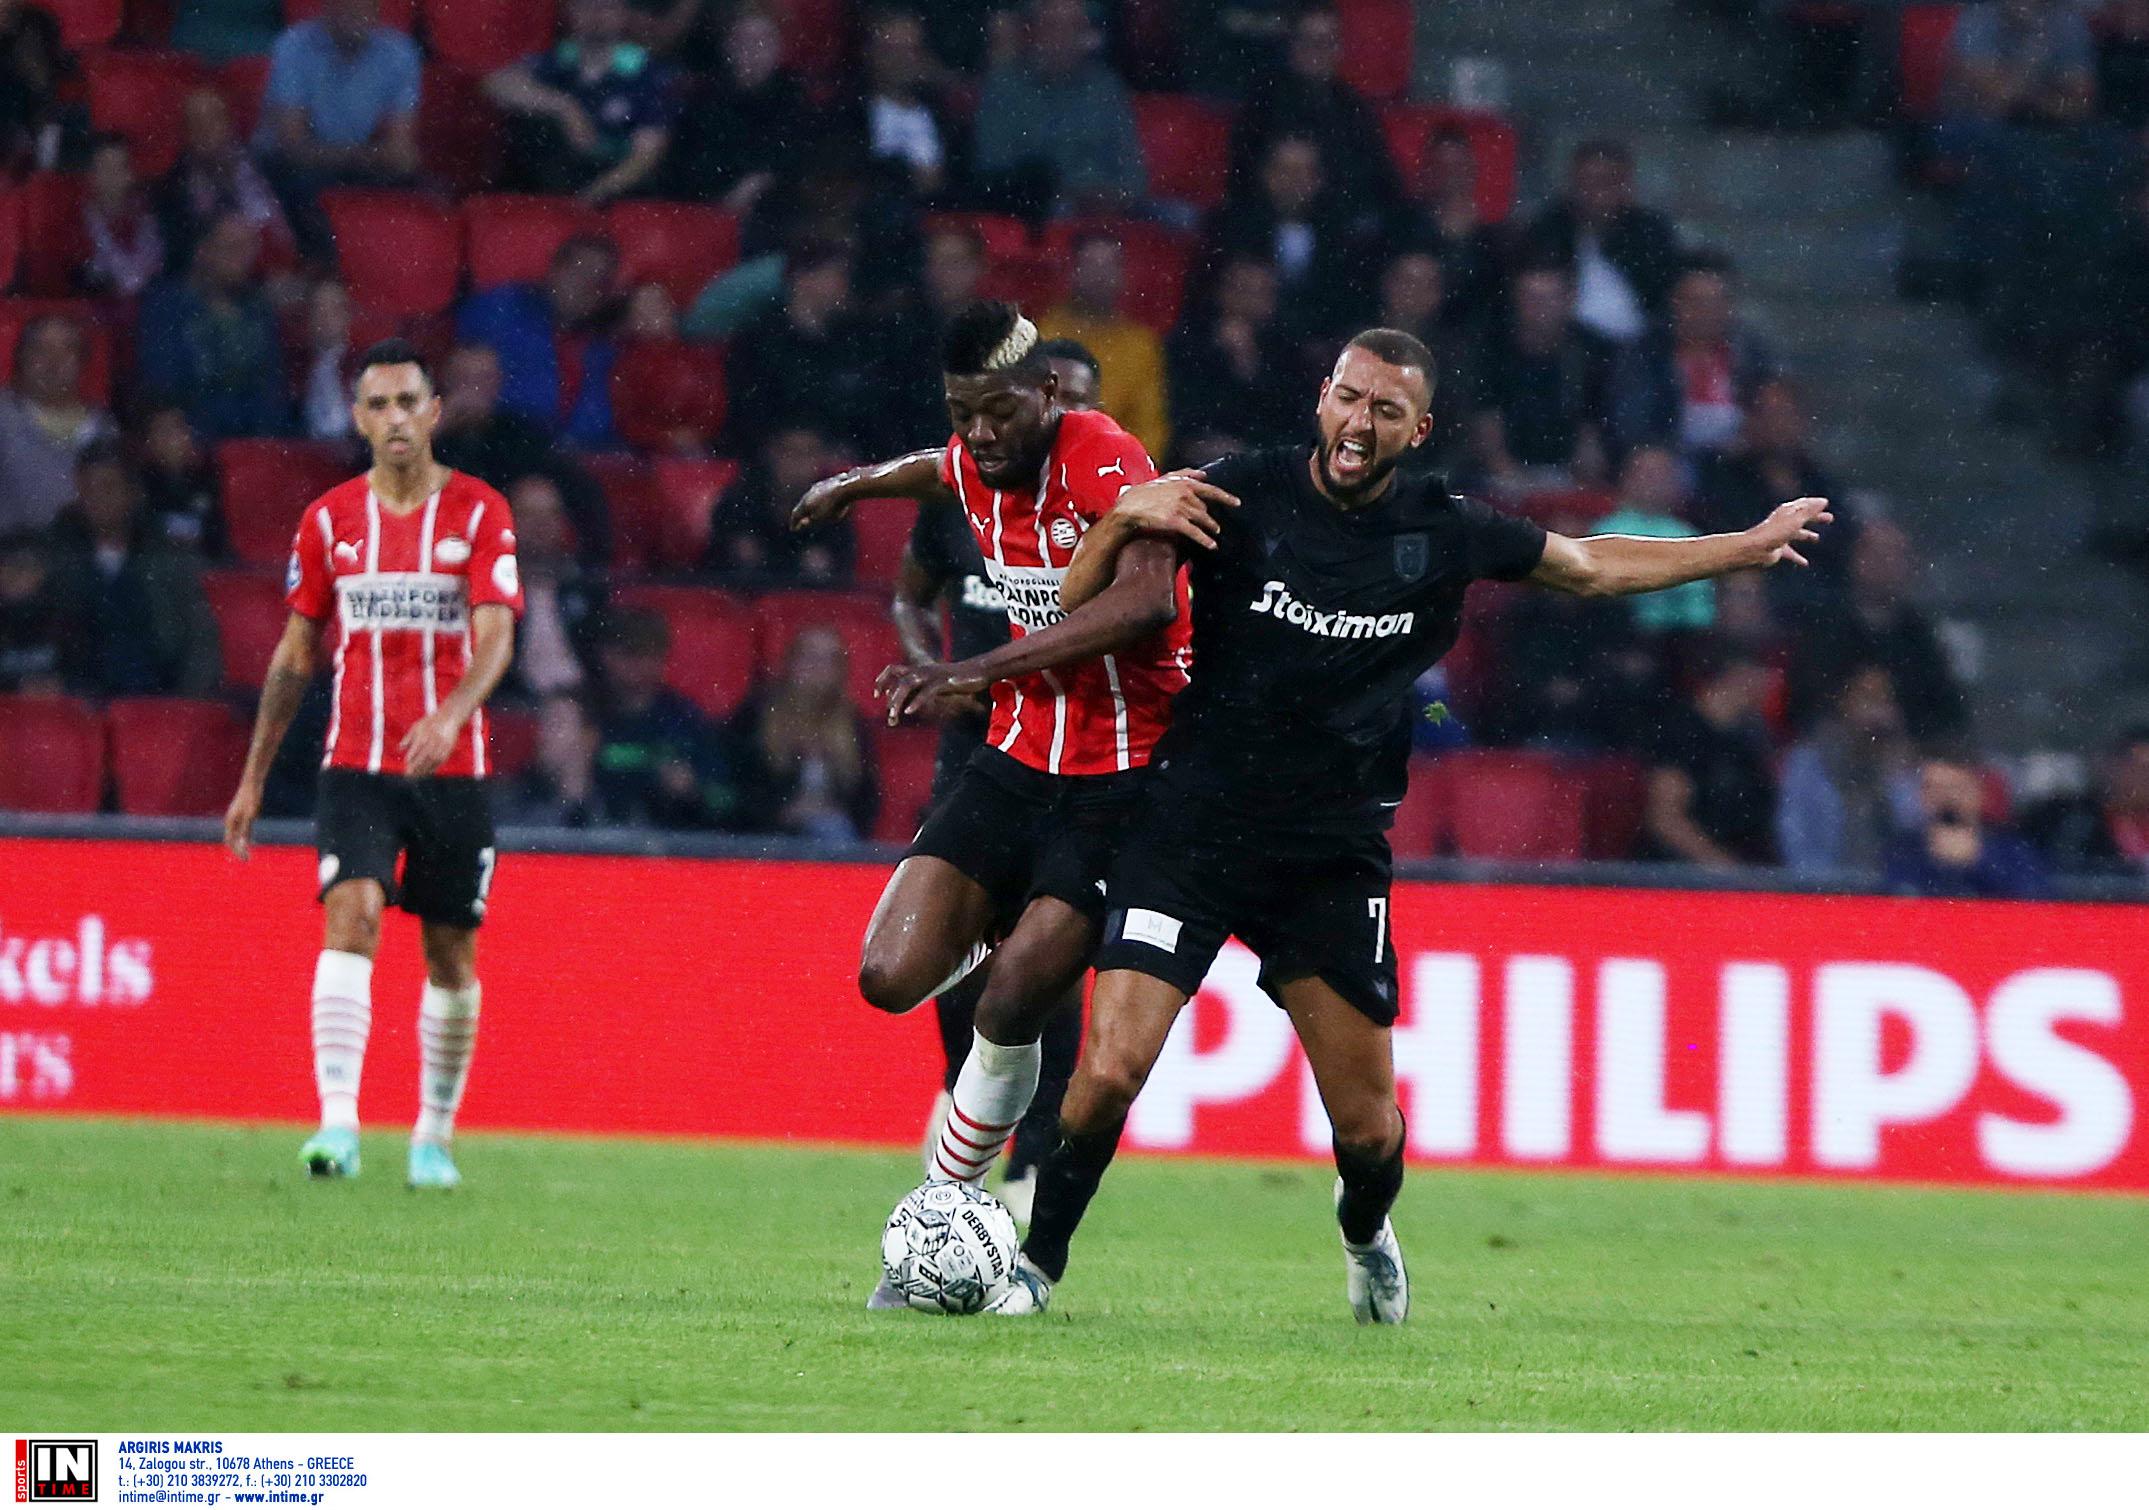 Αϊντχόφεν – ΠΑΟΚ 1-0: Ήττα για την ομάδα του Λουτσέσκου στο πρώτο φιλικό στην Ολλανδία